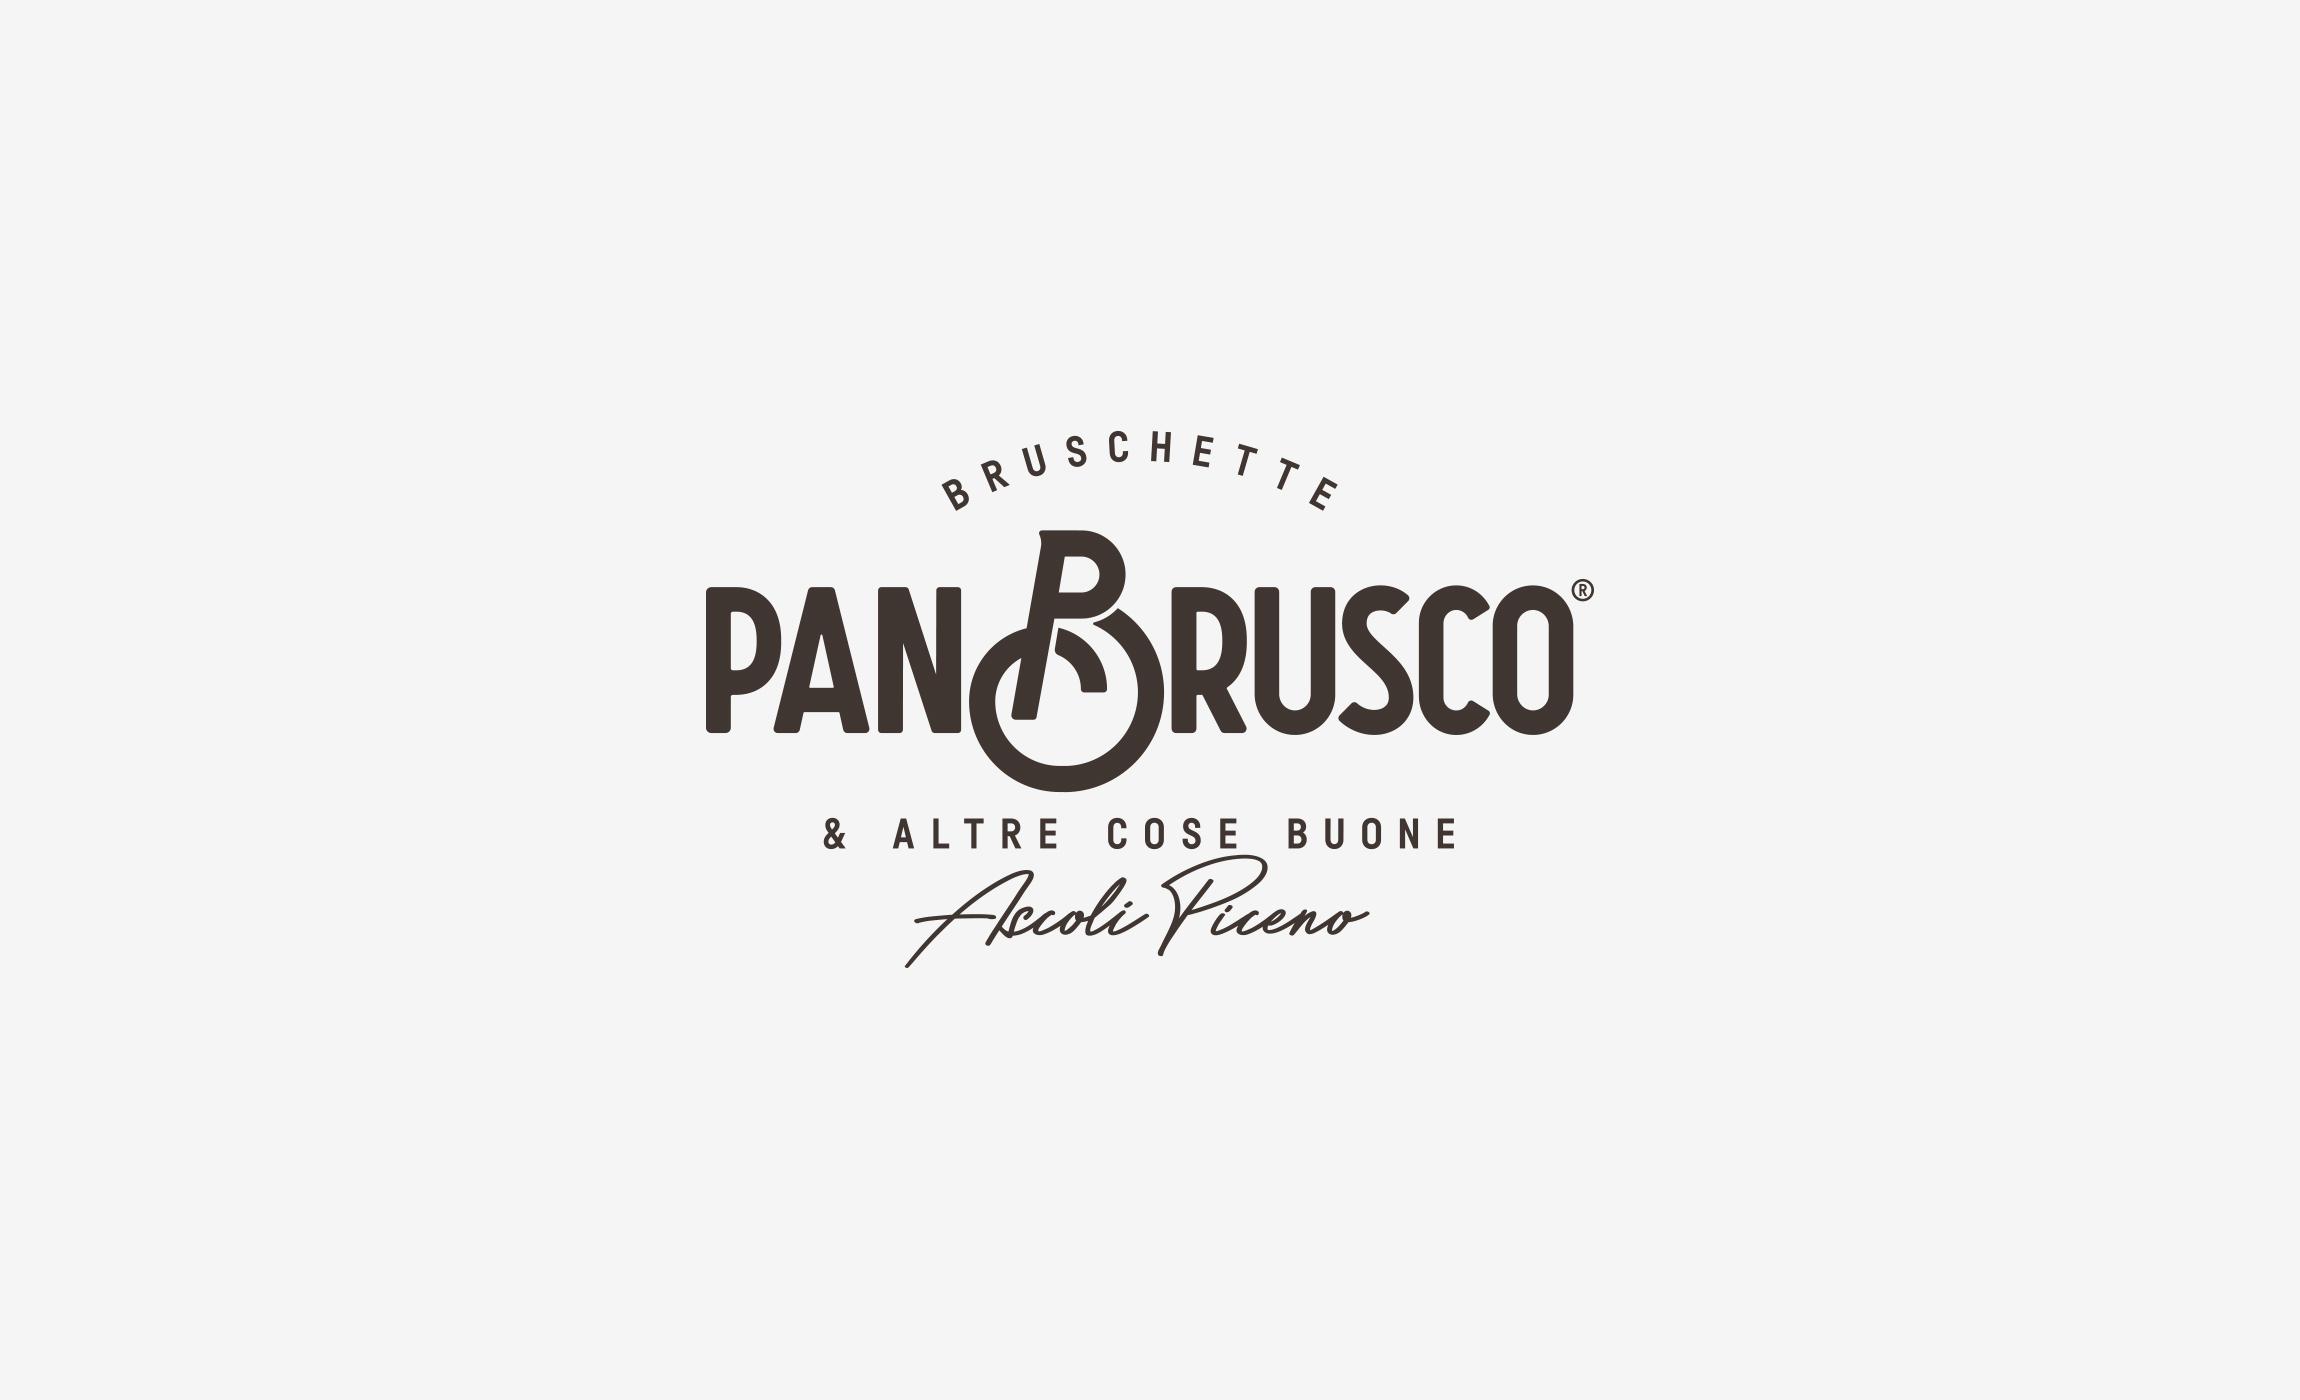 PANBRUSCO_LOGO_01